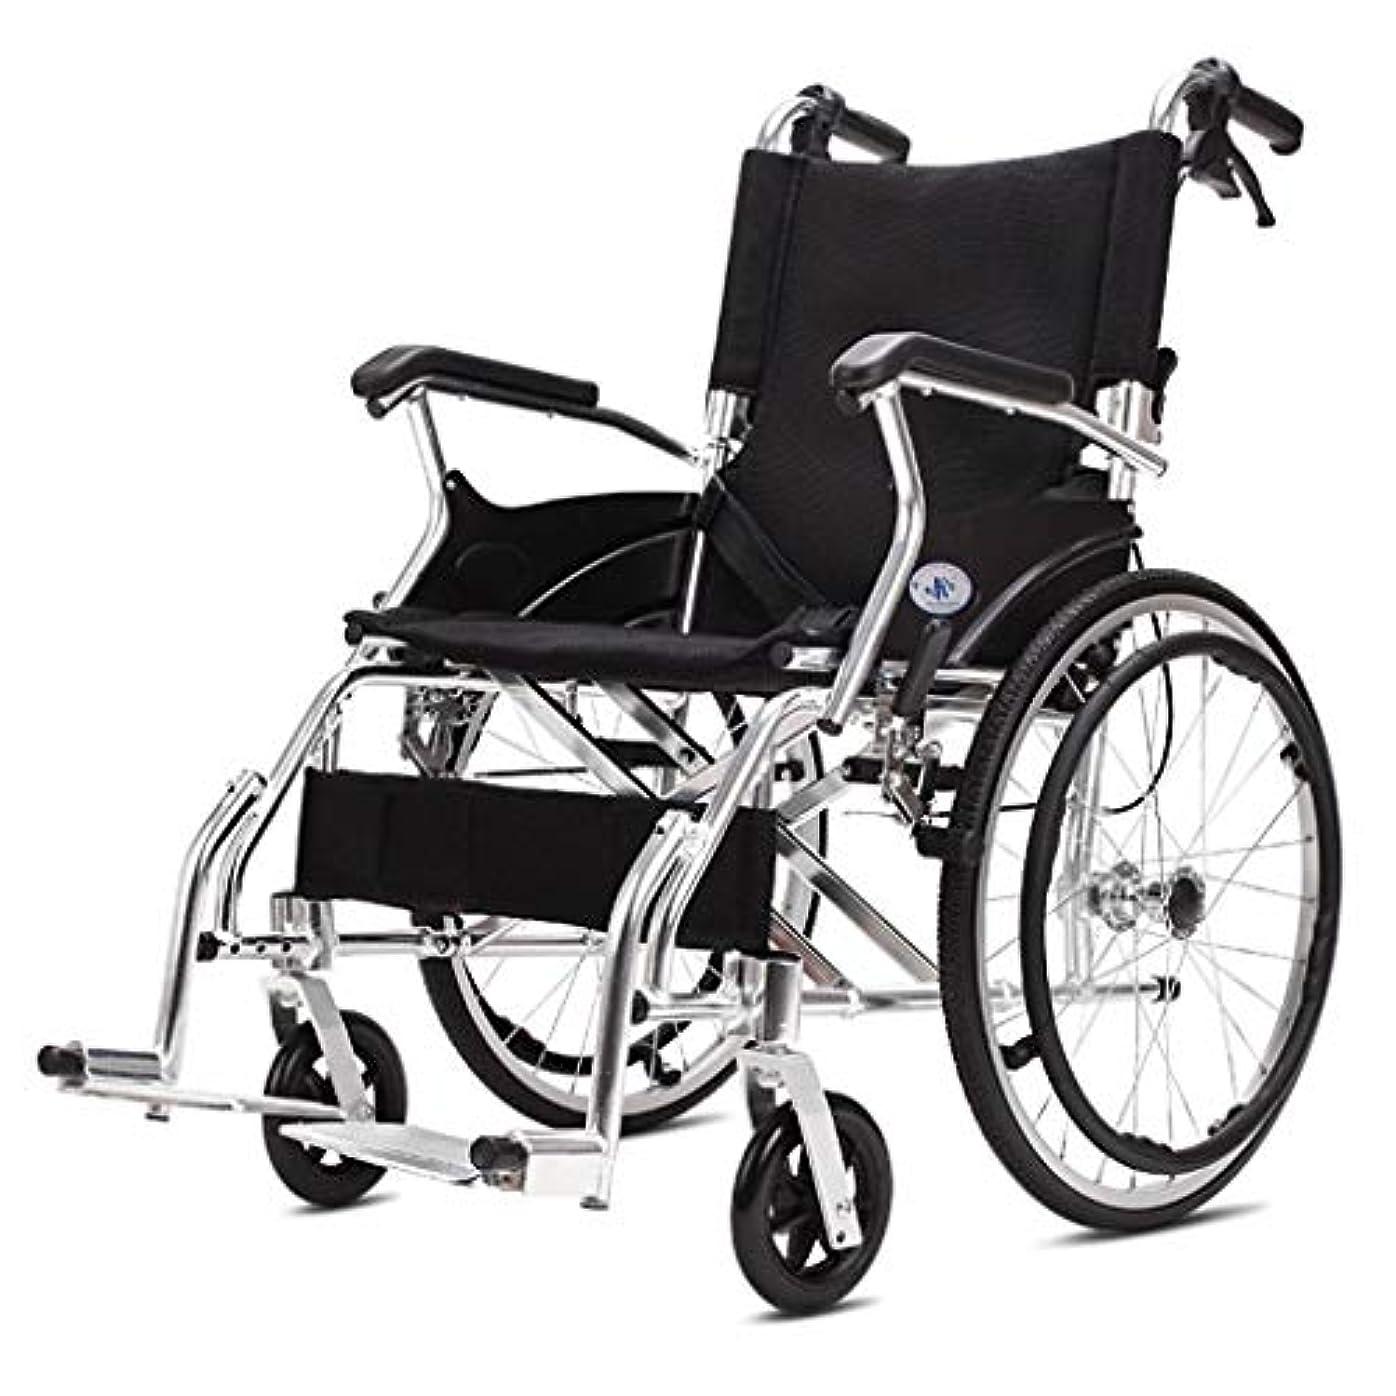 出発する率直な電気陽性車椅子多機能取り外し可能なレギンス、高齢者向けアルミニウム合金、身体障害者用旅行折りたたみ式ポータブルトロリー車椅子